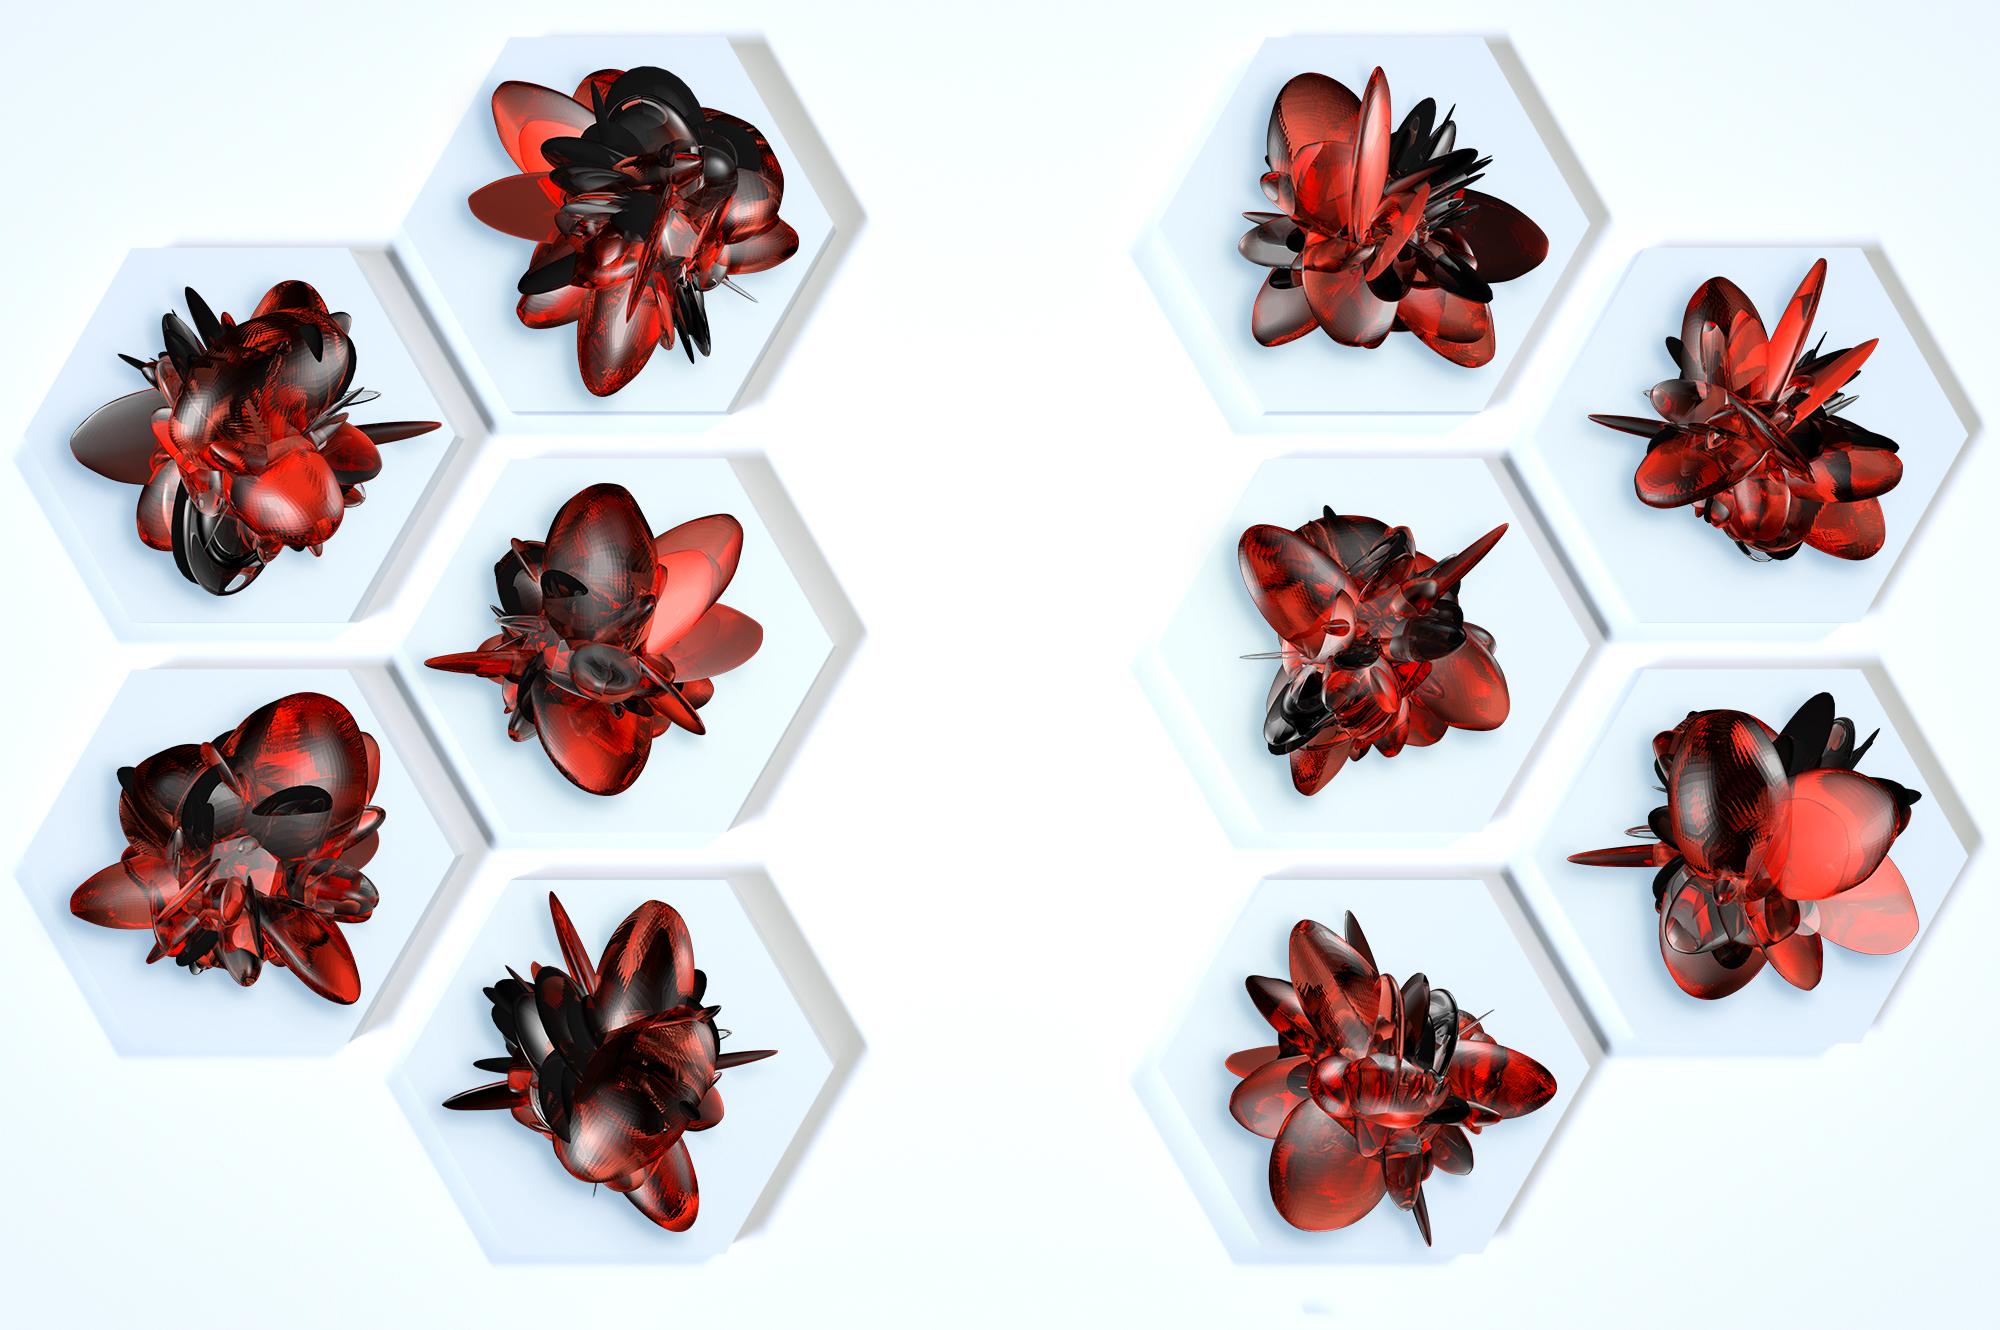 Crystal|Azbuka|Alphabet example image 20